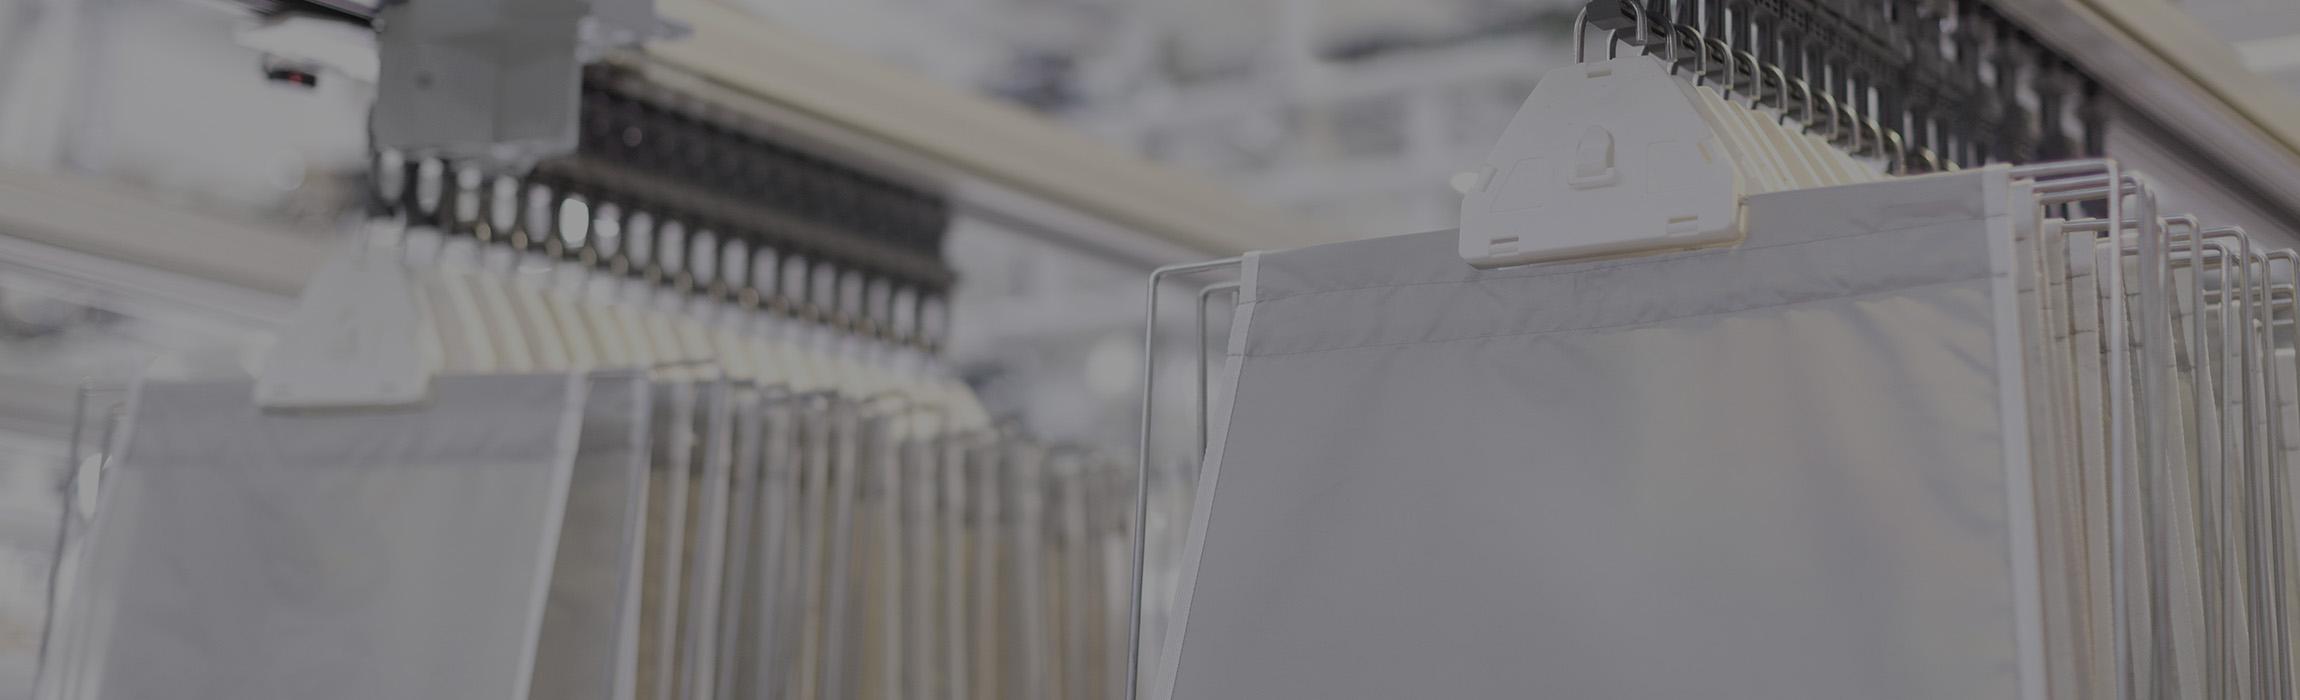 Automatischer Taschensorter - Smarte Pocket-Sorter Lösung.